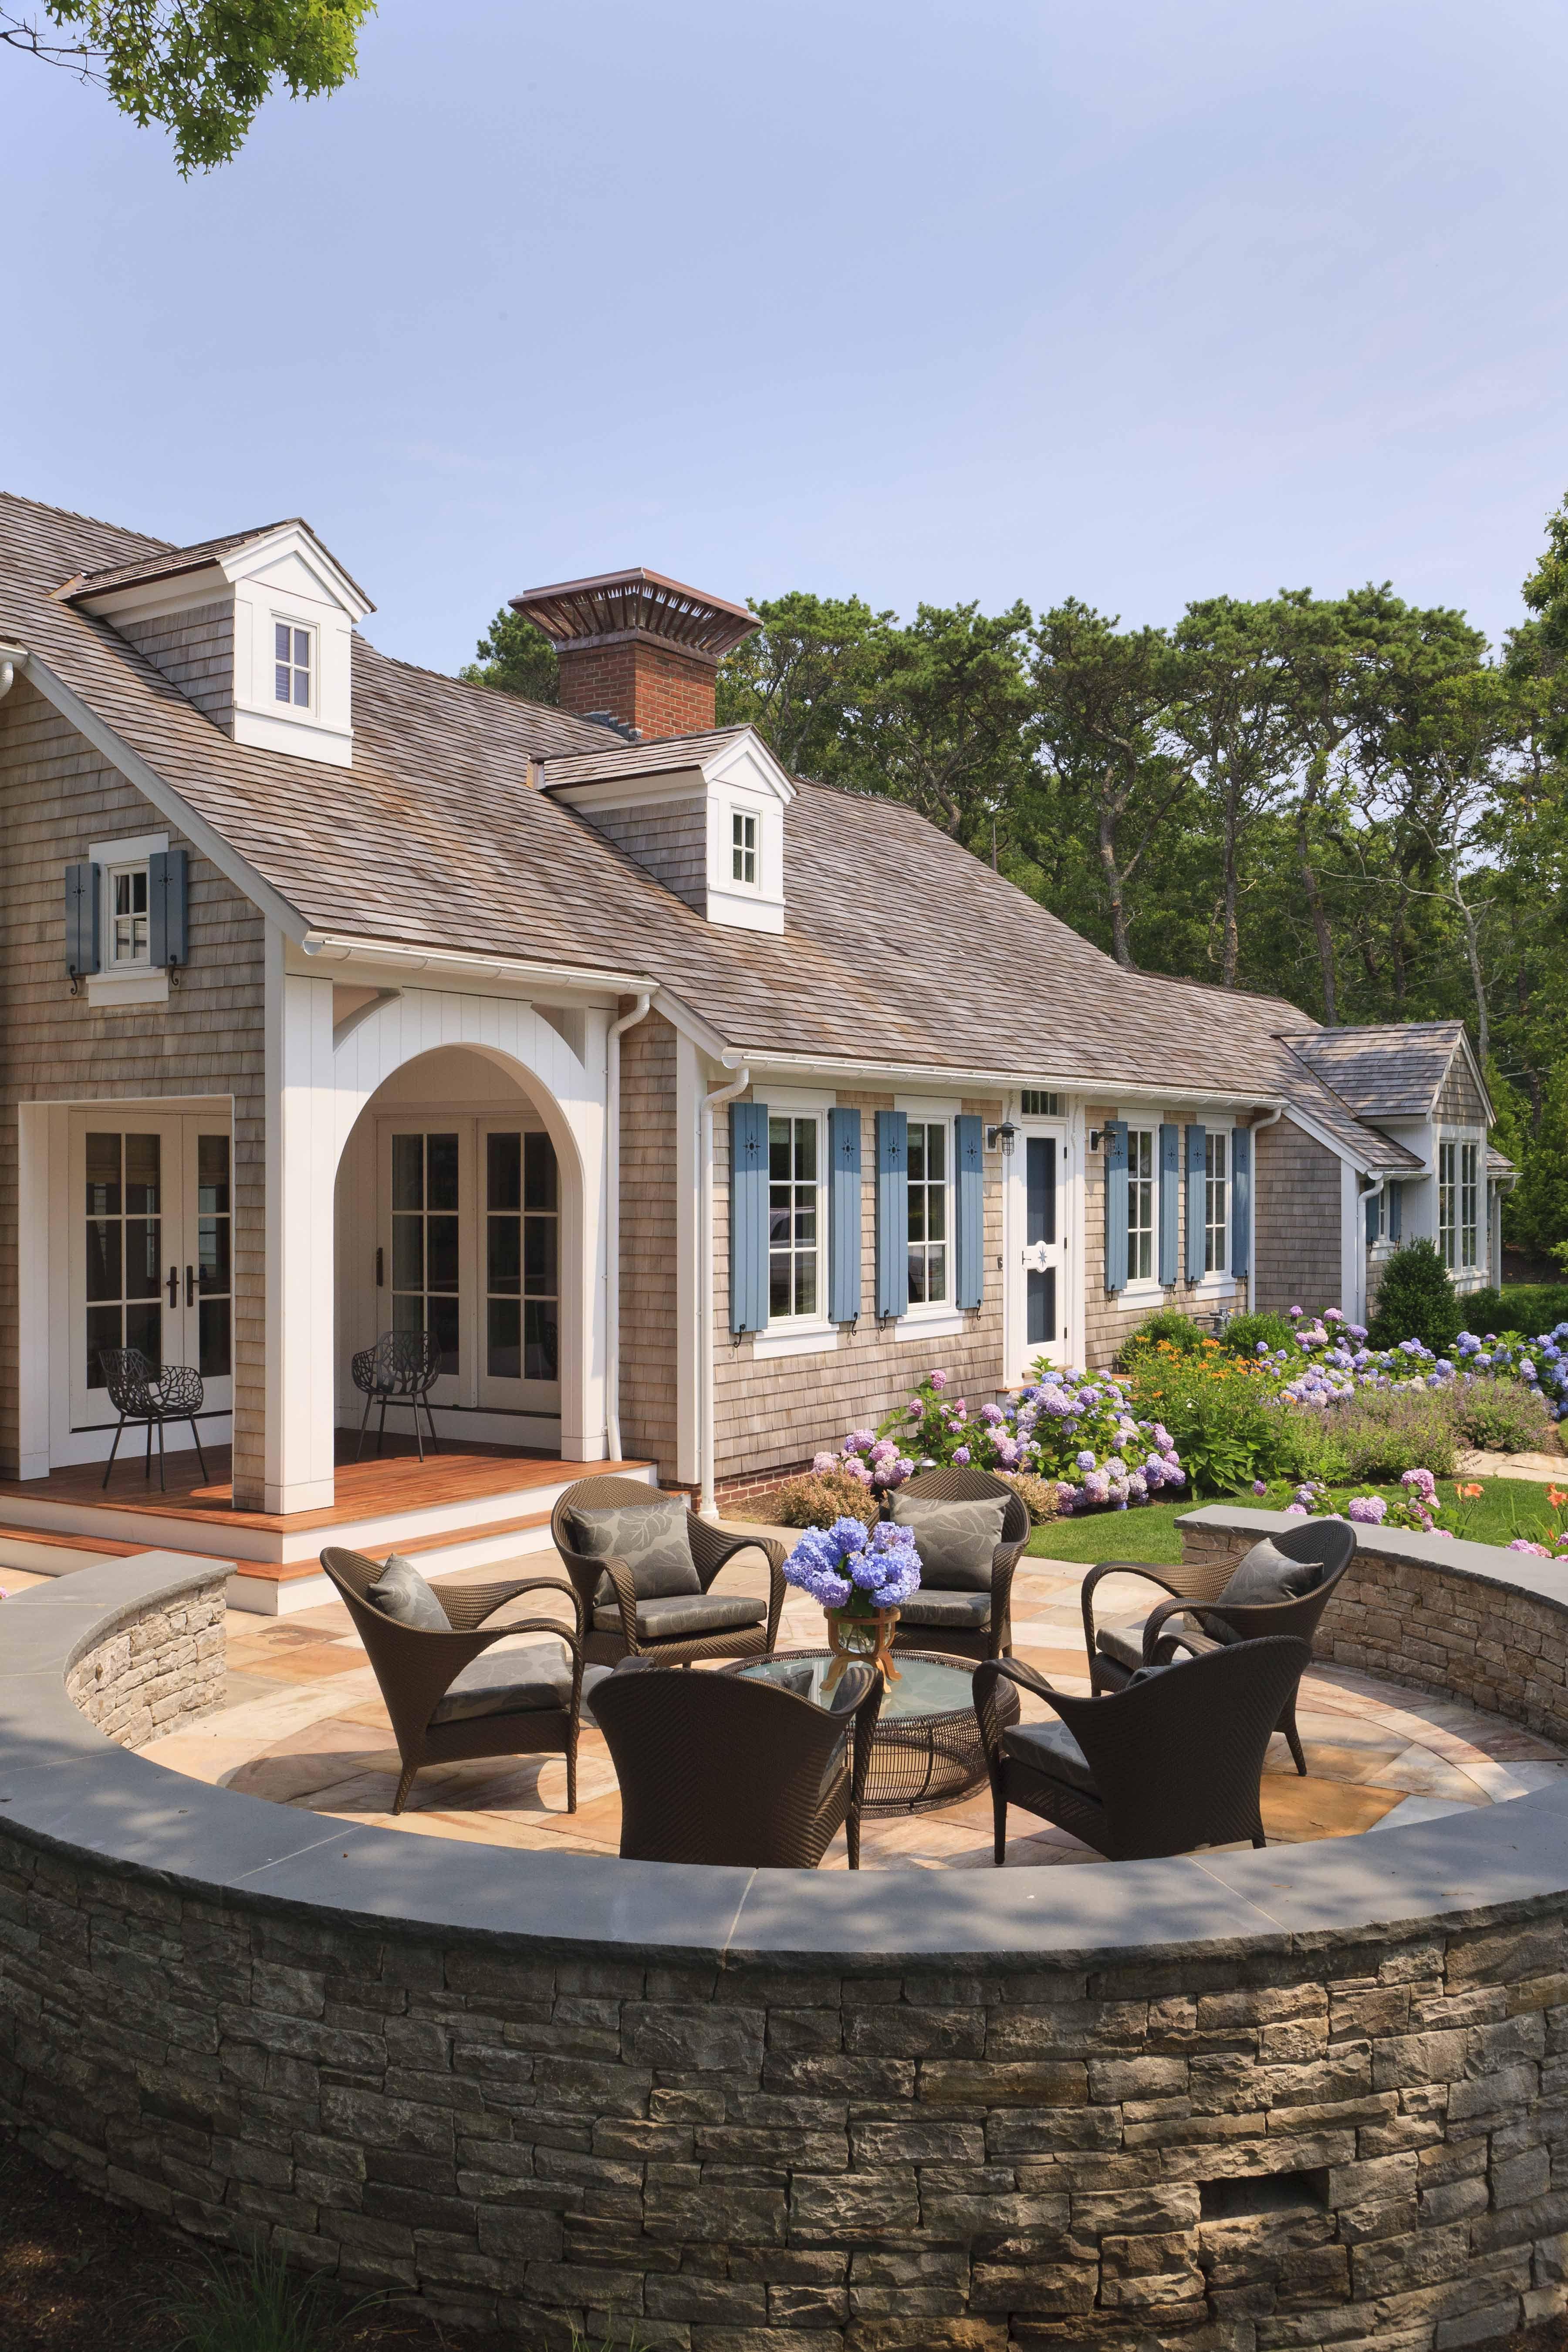 Polhemus Savery Dasilva Www Psdab Com House Exterior Patio Design Porch Styles